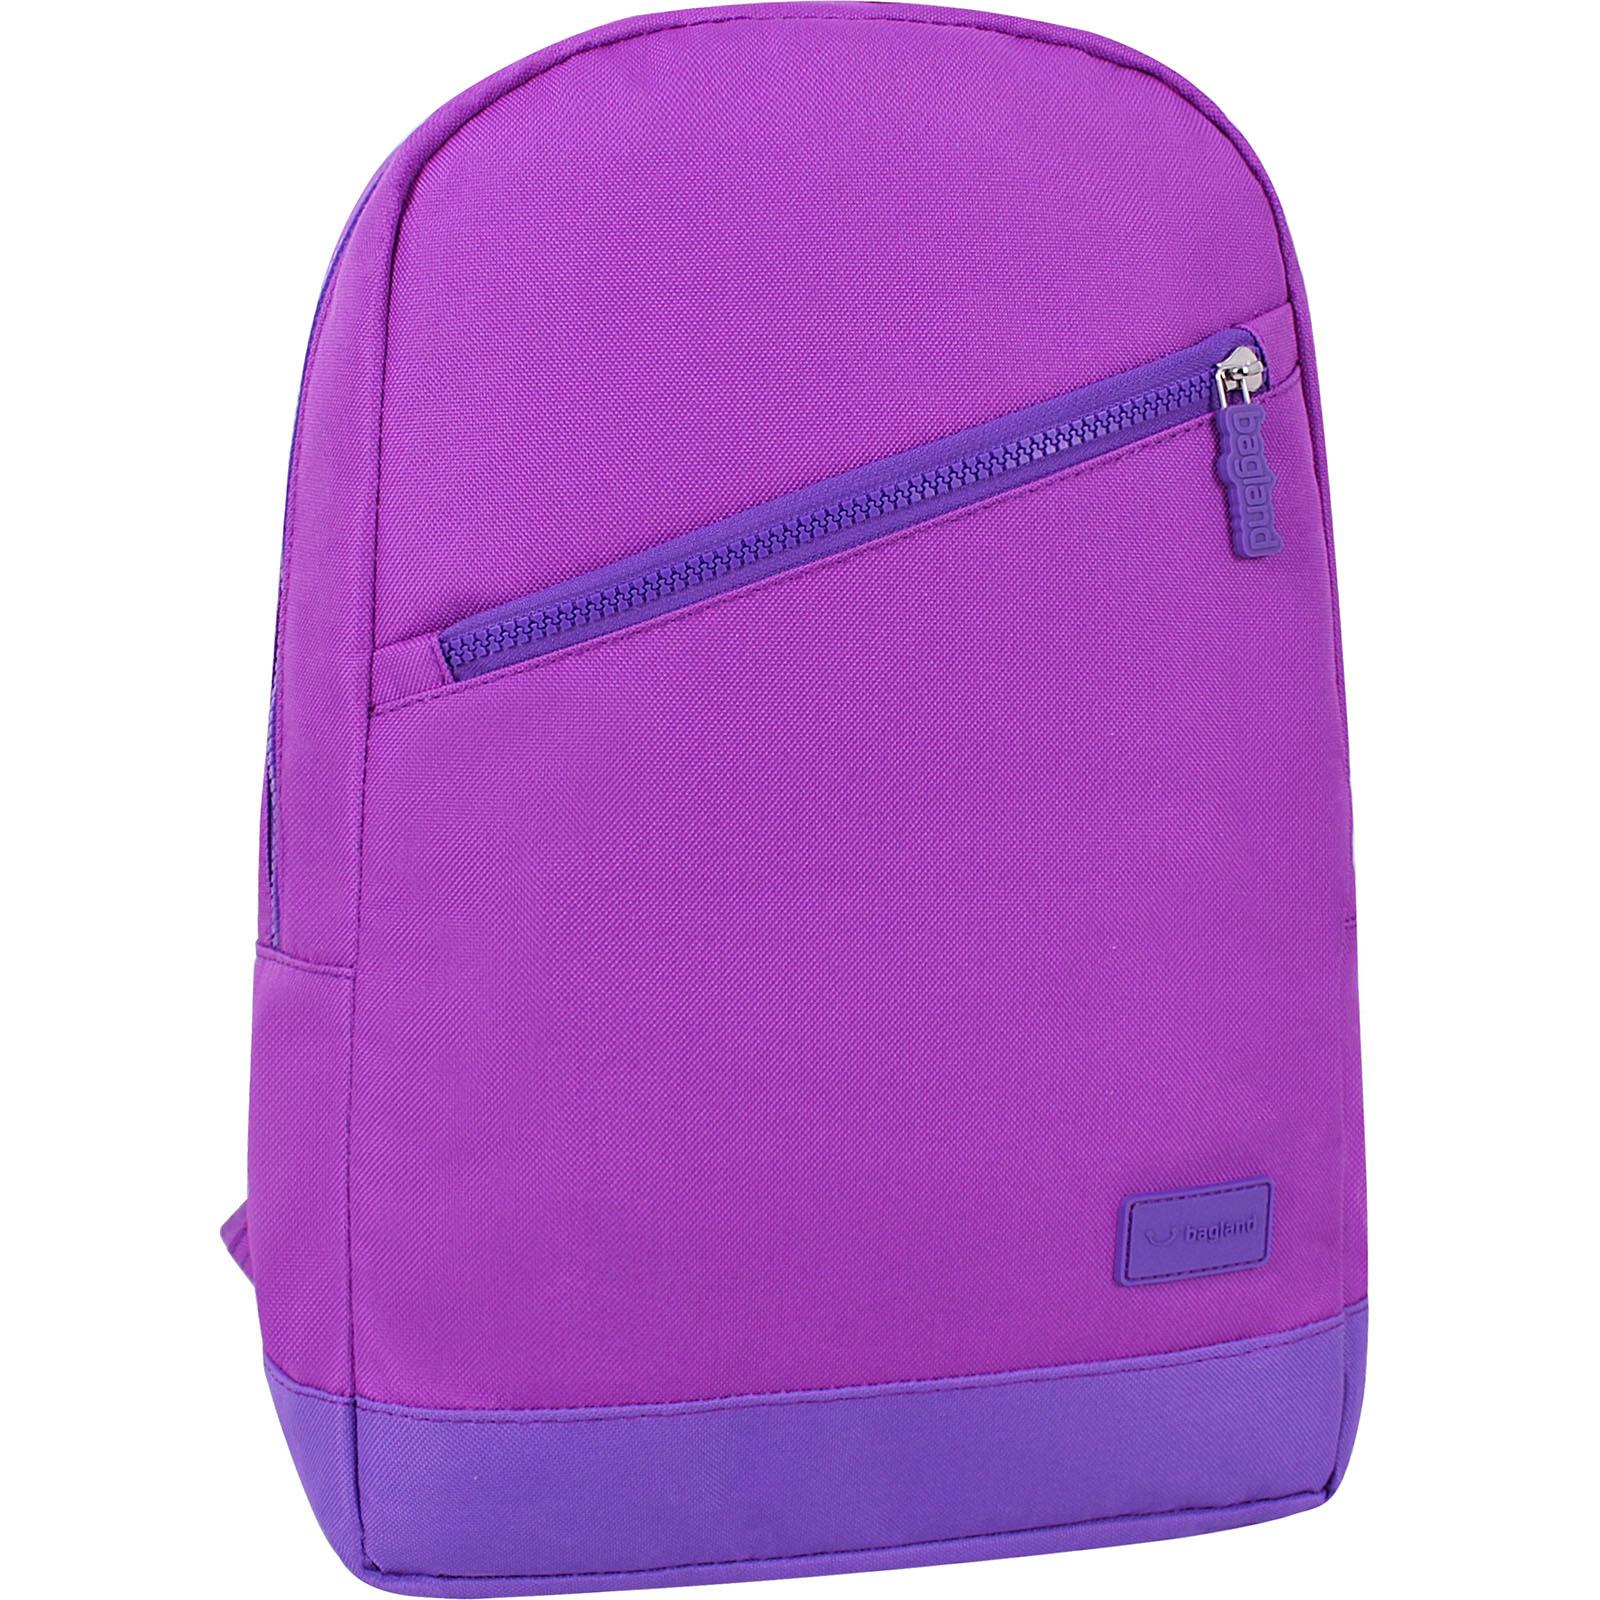 Рюкзак Bagland Amber 15 л. 339 фиолетовый/бузок (0010466) фото 1